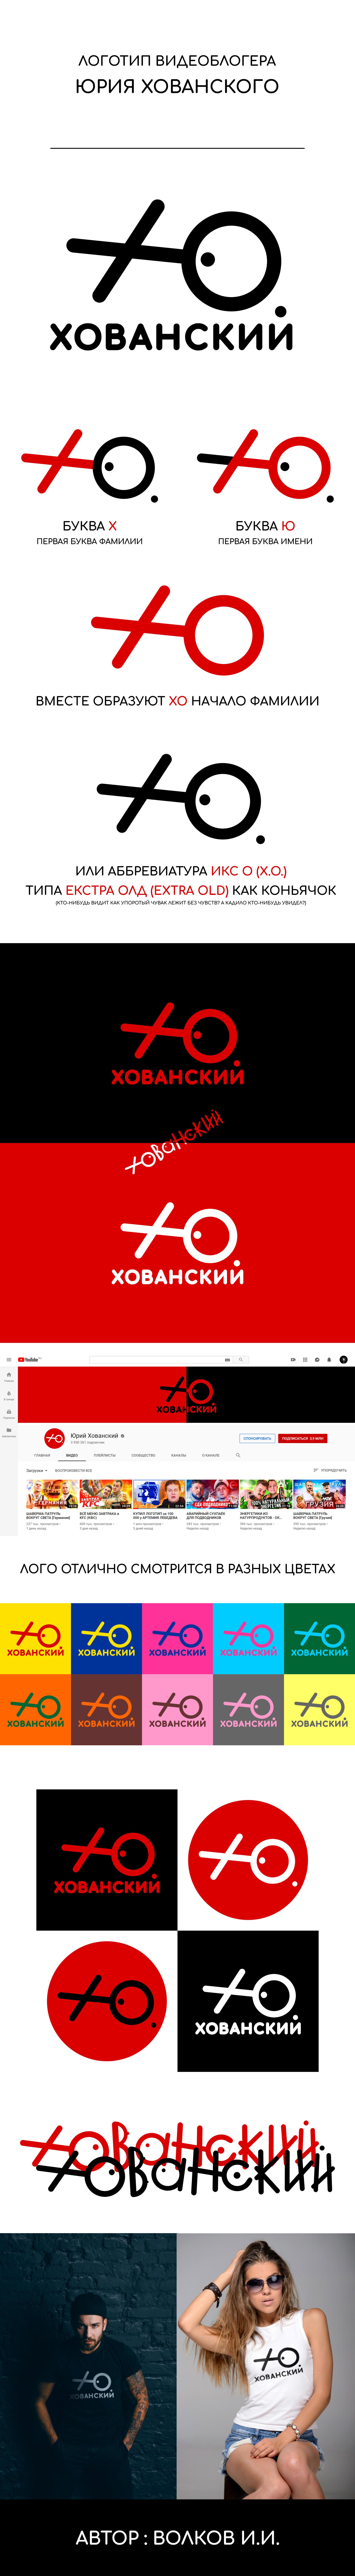 Логотип видеоблогера Юрия Хованского